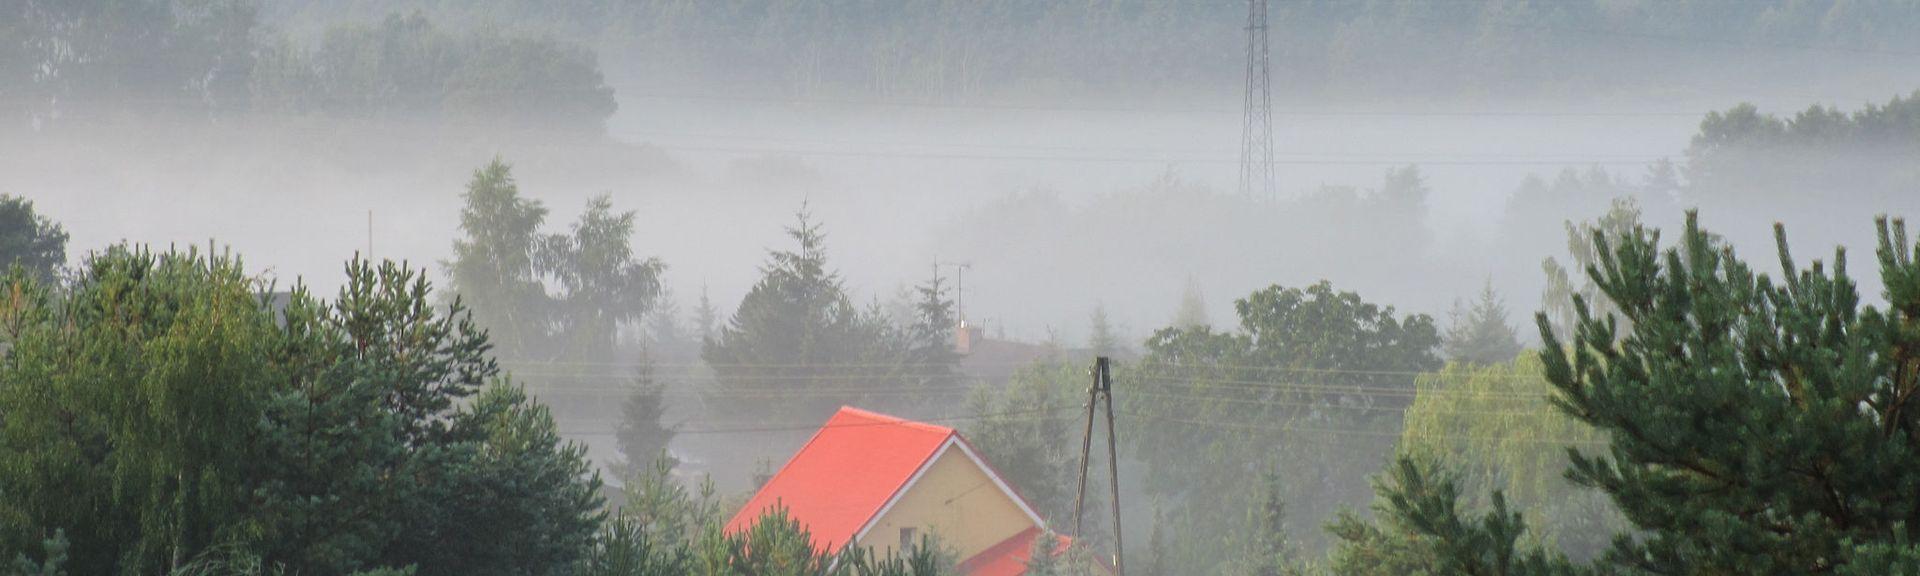 Miedzyzdroje brygge, Miedzyzdroje, Vestpommerske voivodskap, Polen